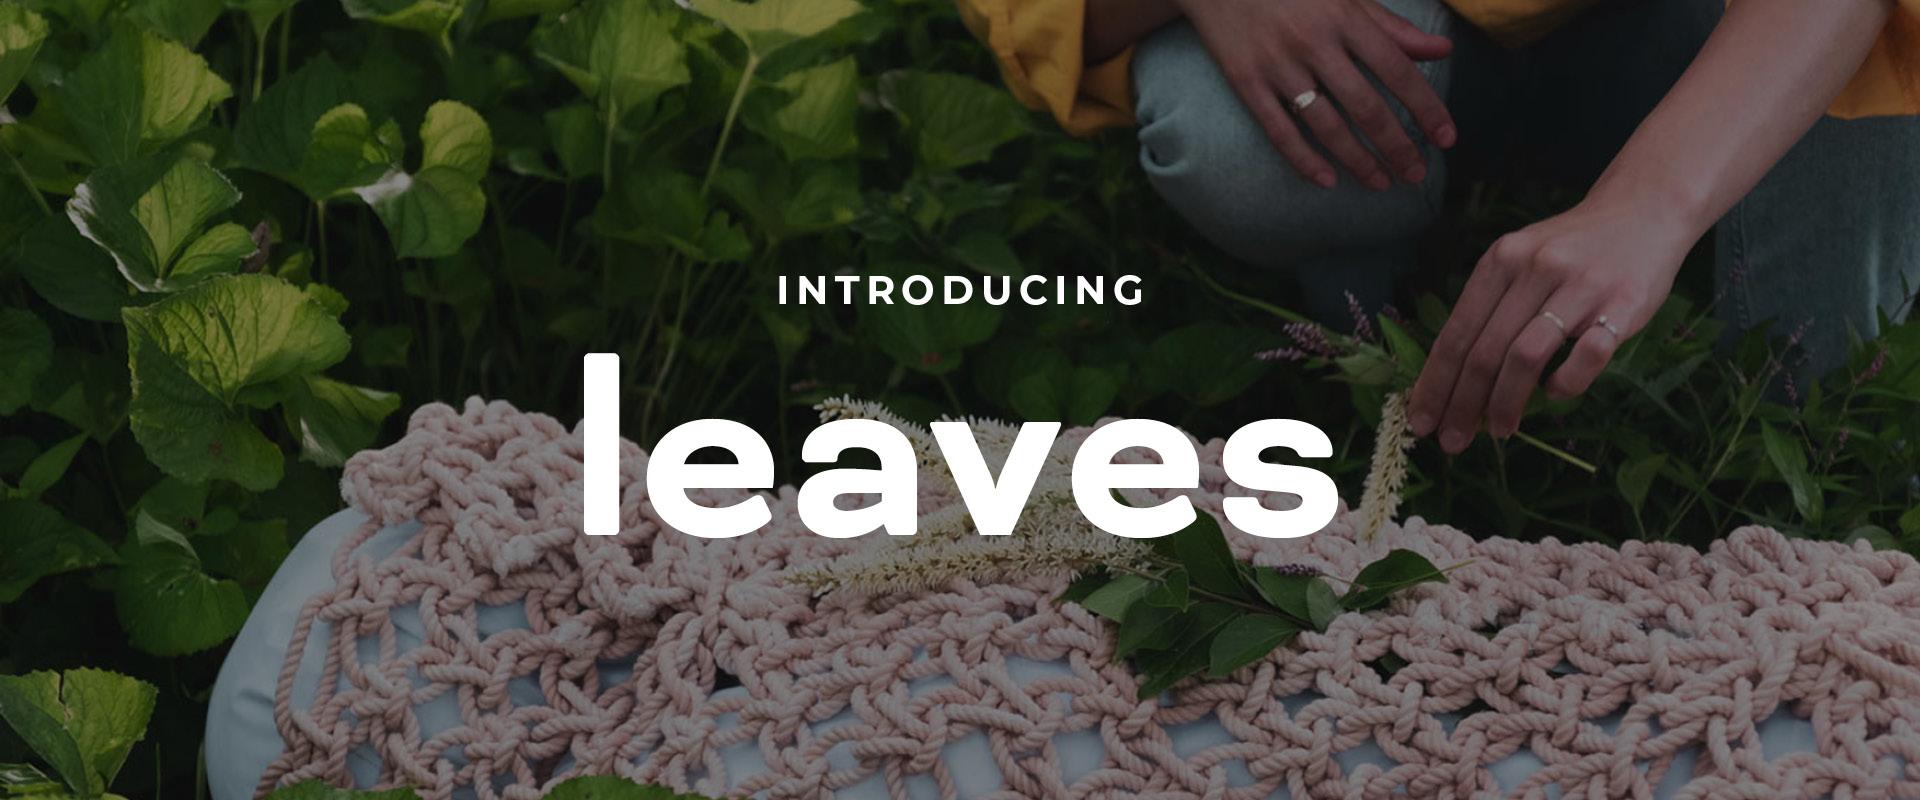 Introducing Leaves.jpg